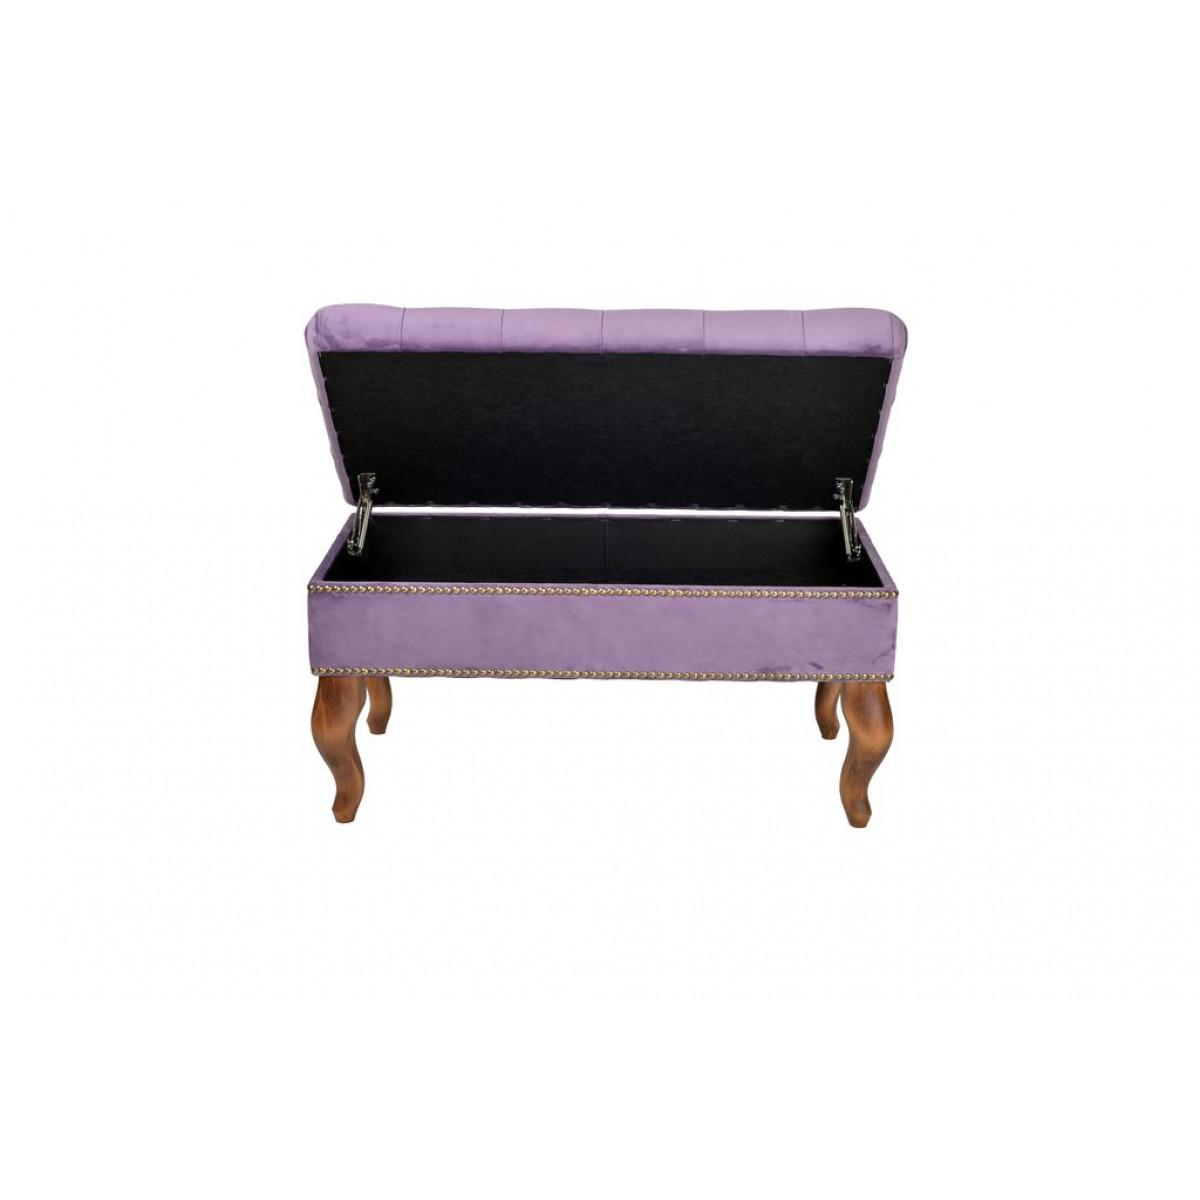 AK04-BKG-712 Банкетка Калабрия фиолетовая